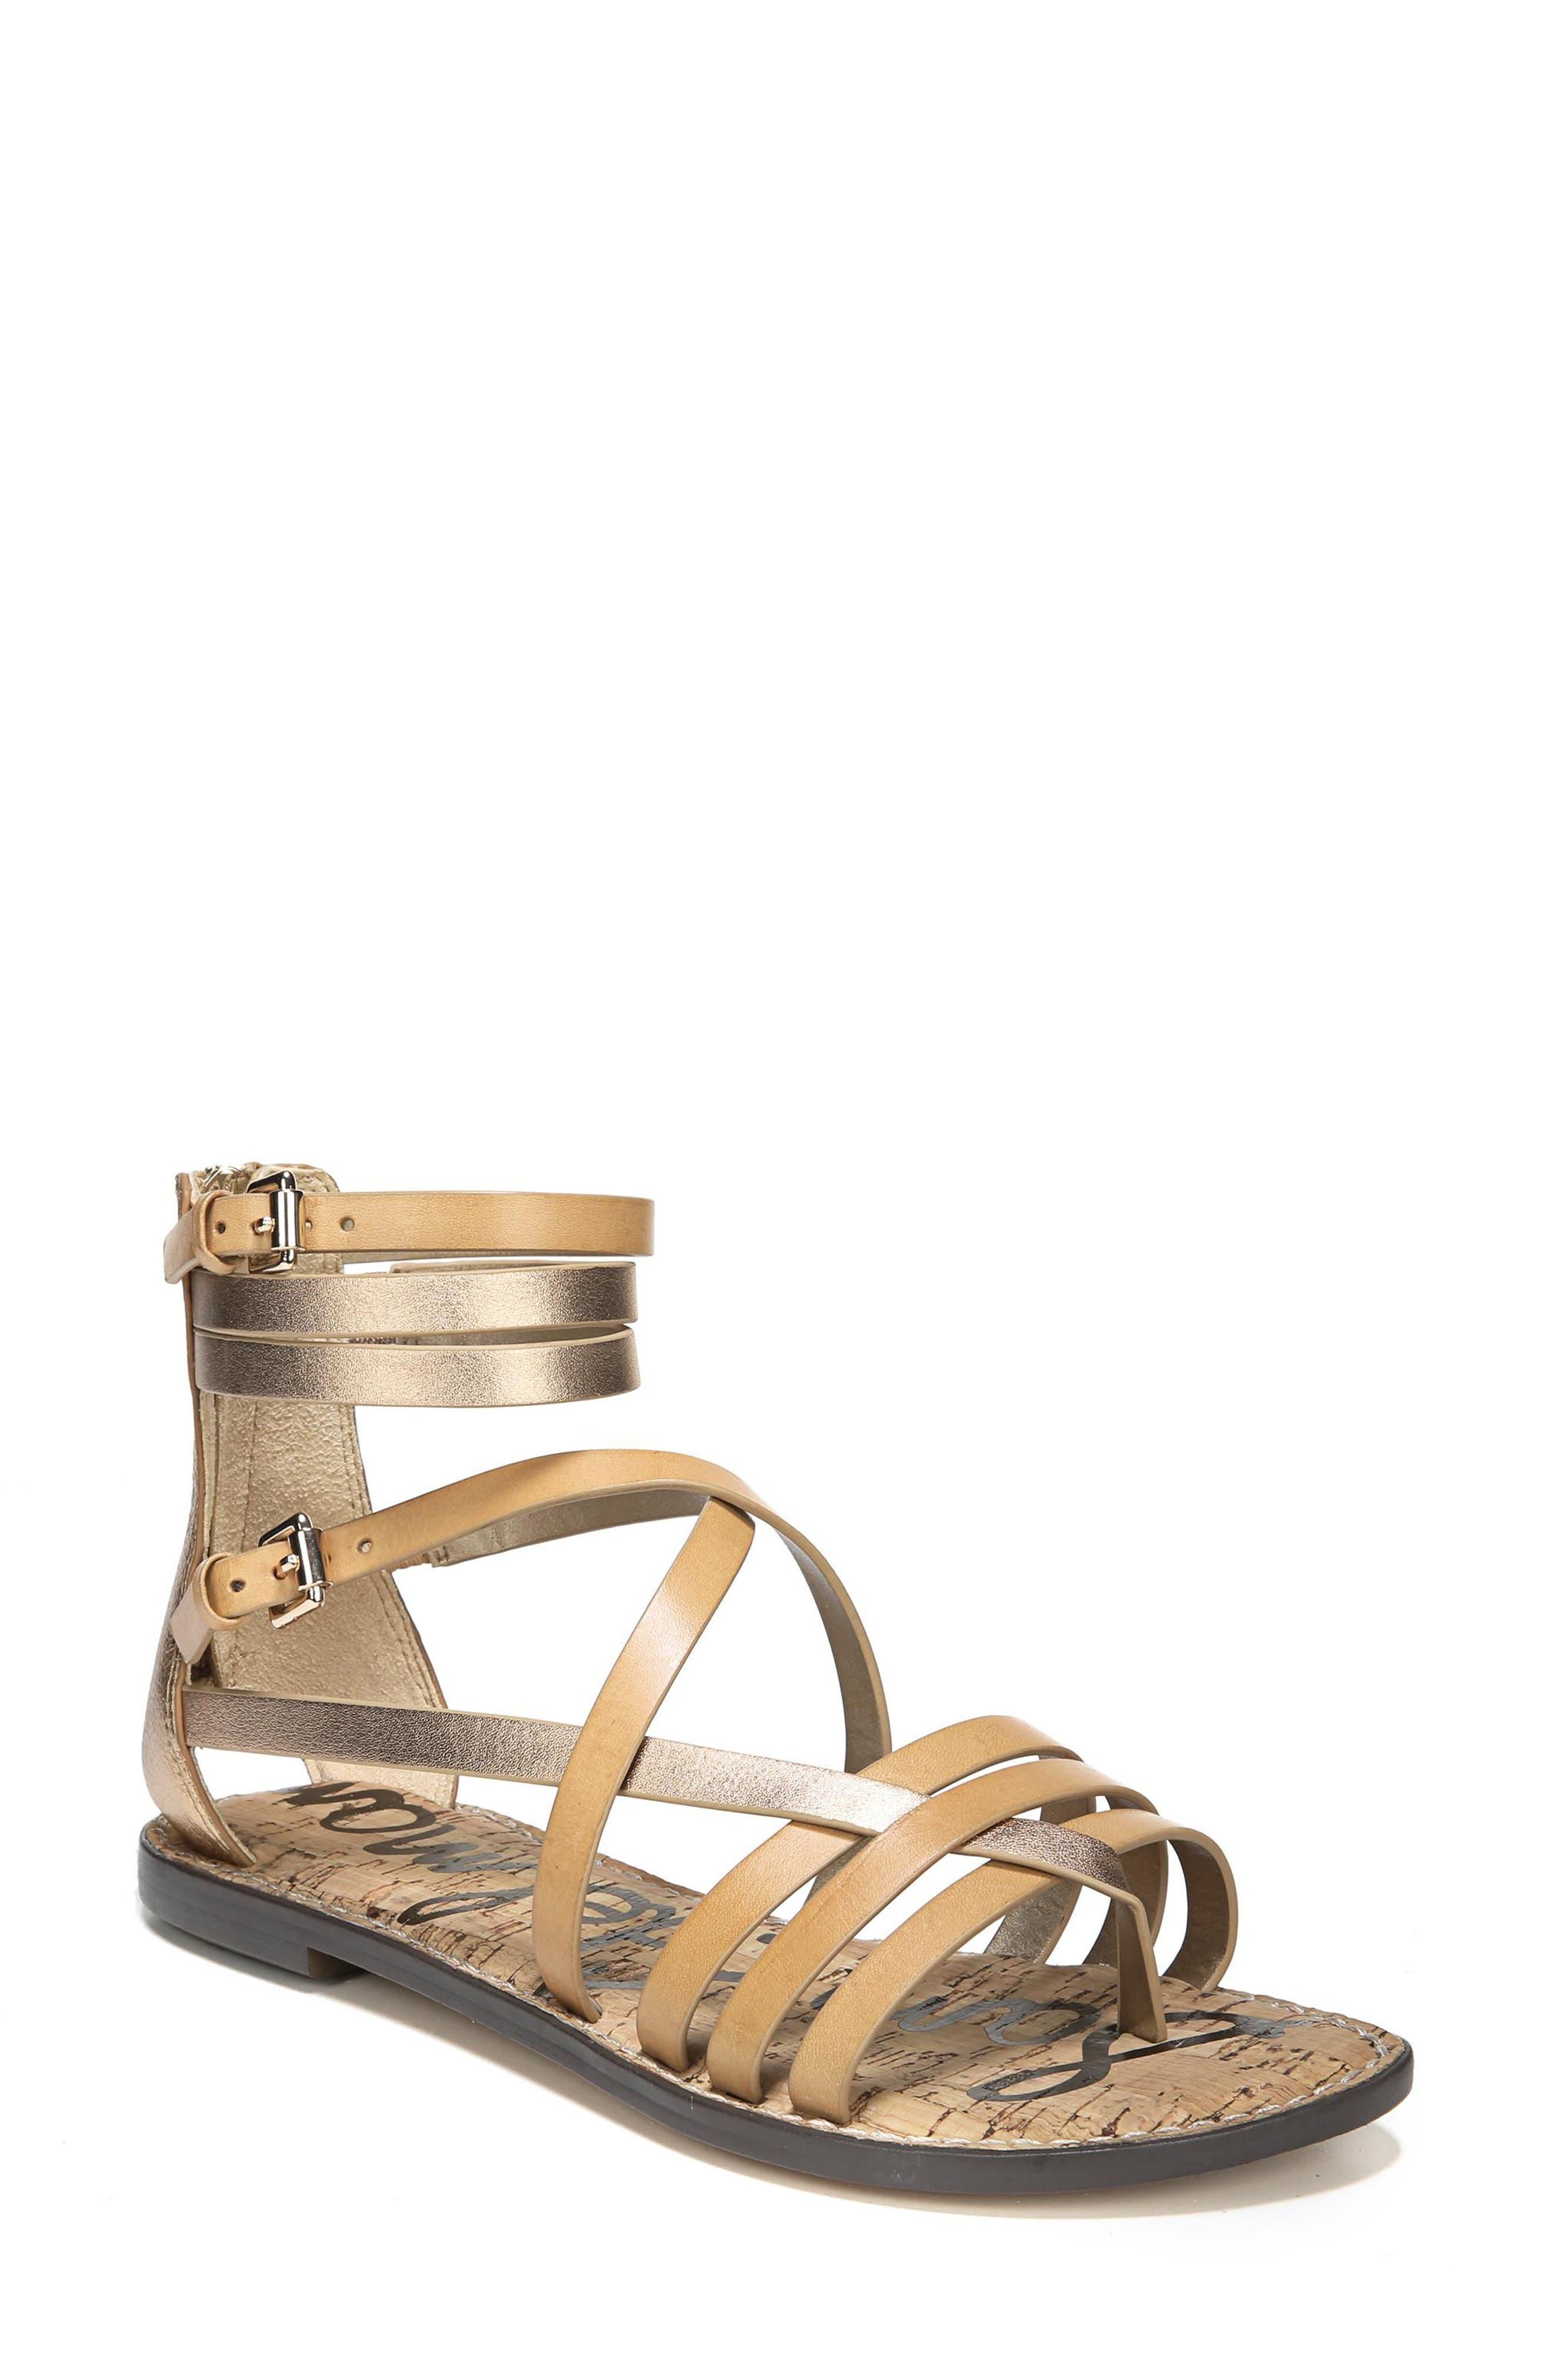 Ganesa Strappy Sandal,                         Main,                         color, Golden Caramel Leather